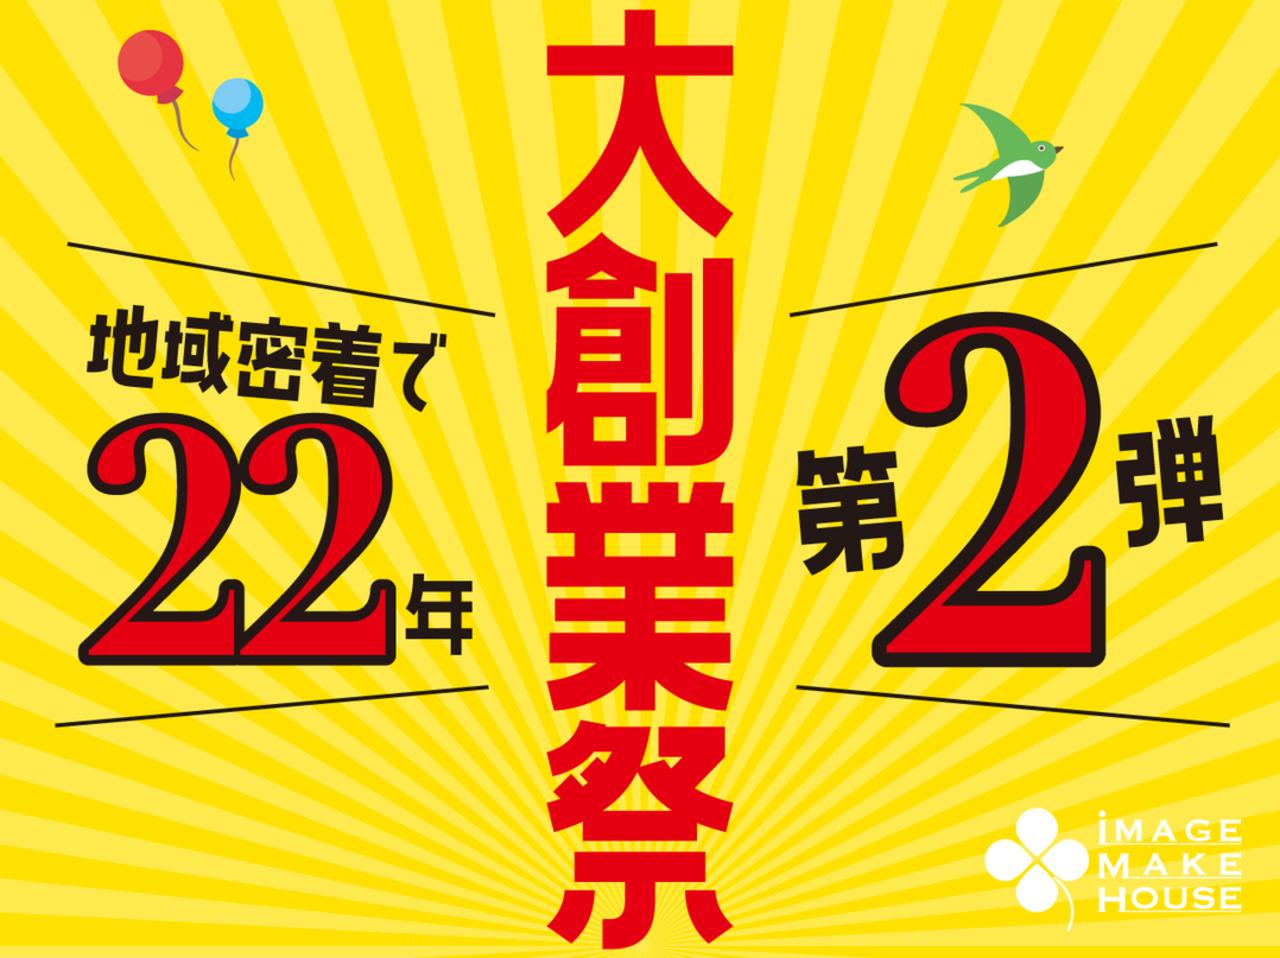 【リフォーム&増改築】期間延長! 感謝の気持ちを込めた大セール、大創業祭 第2弾を開催中!